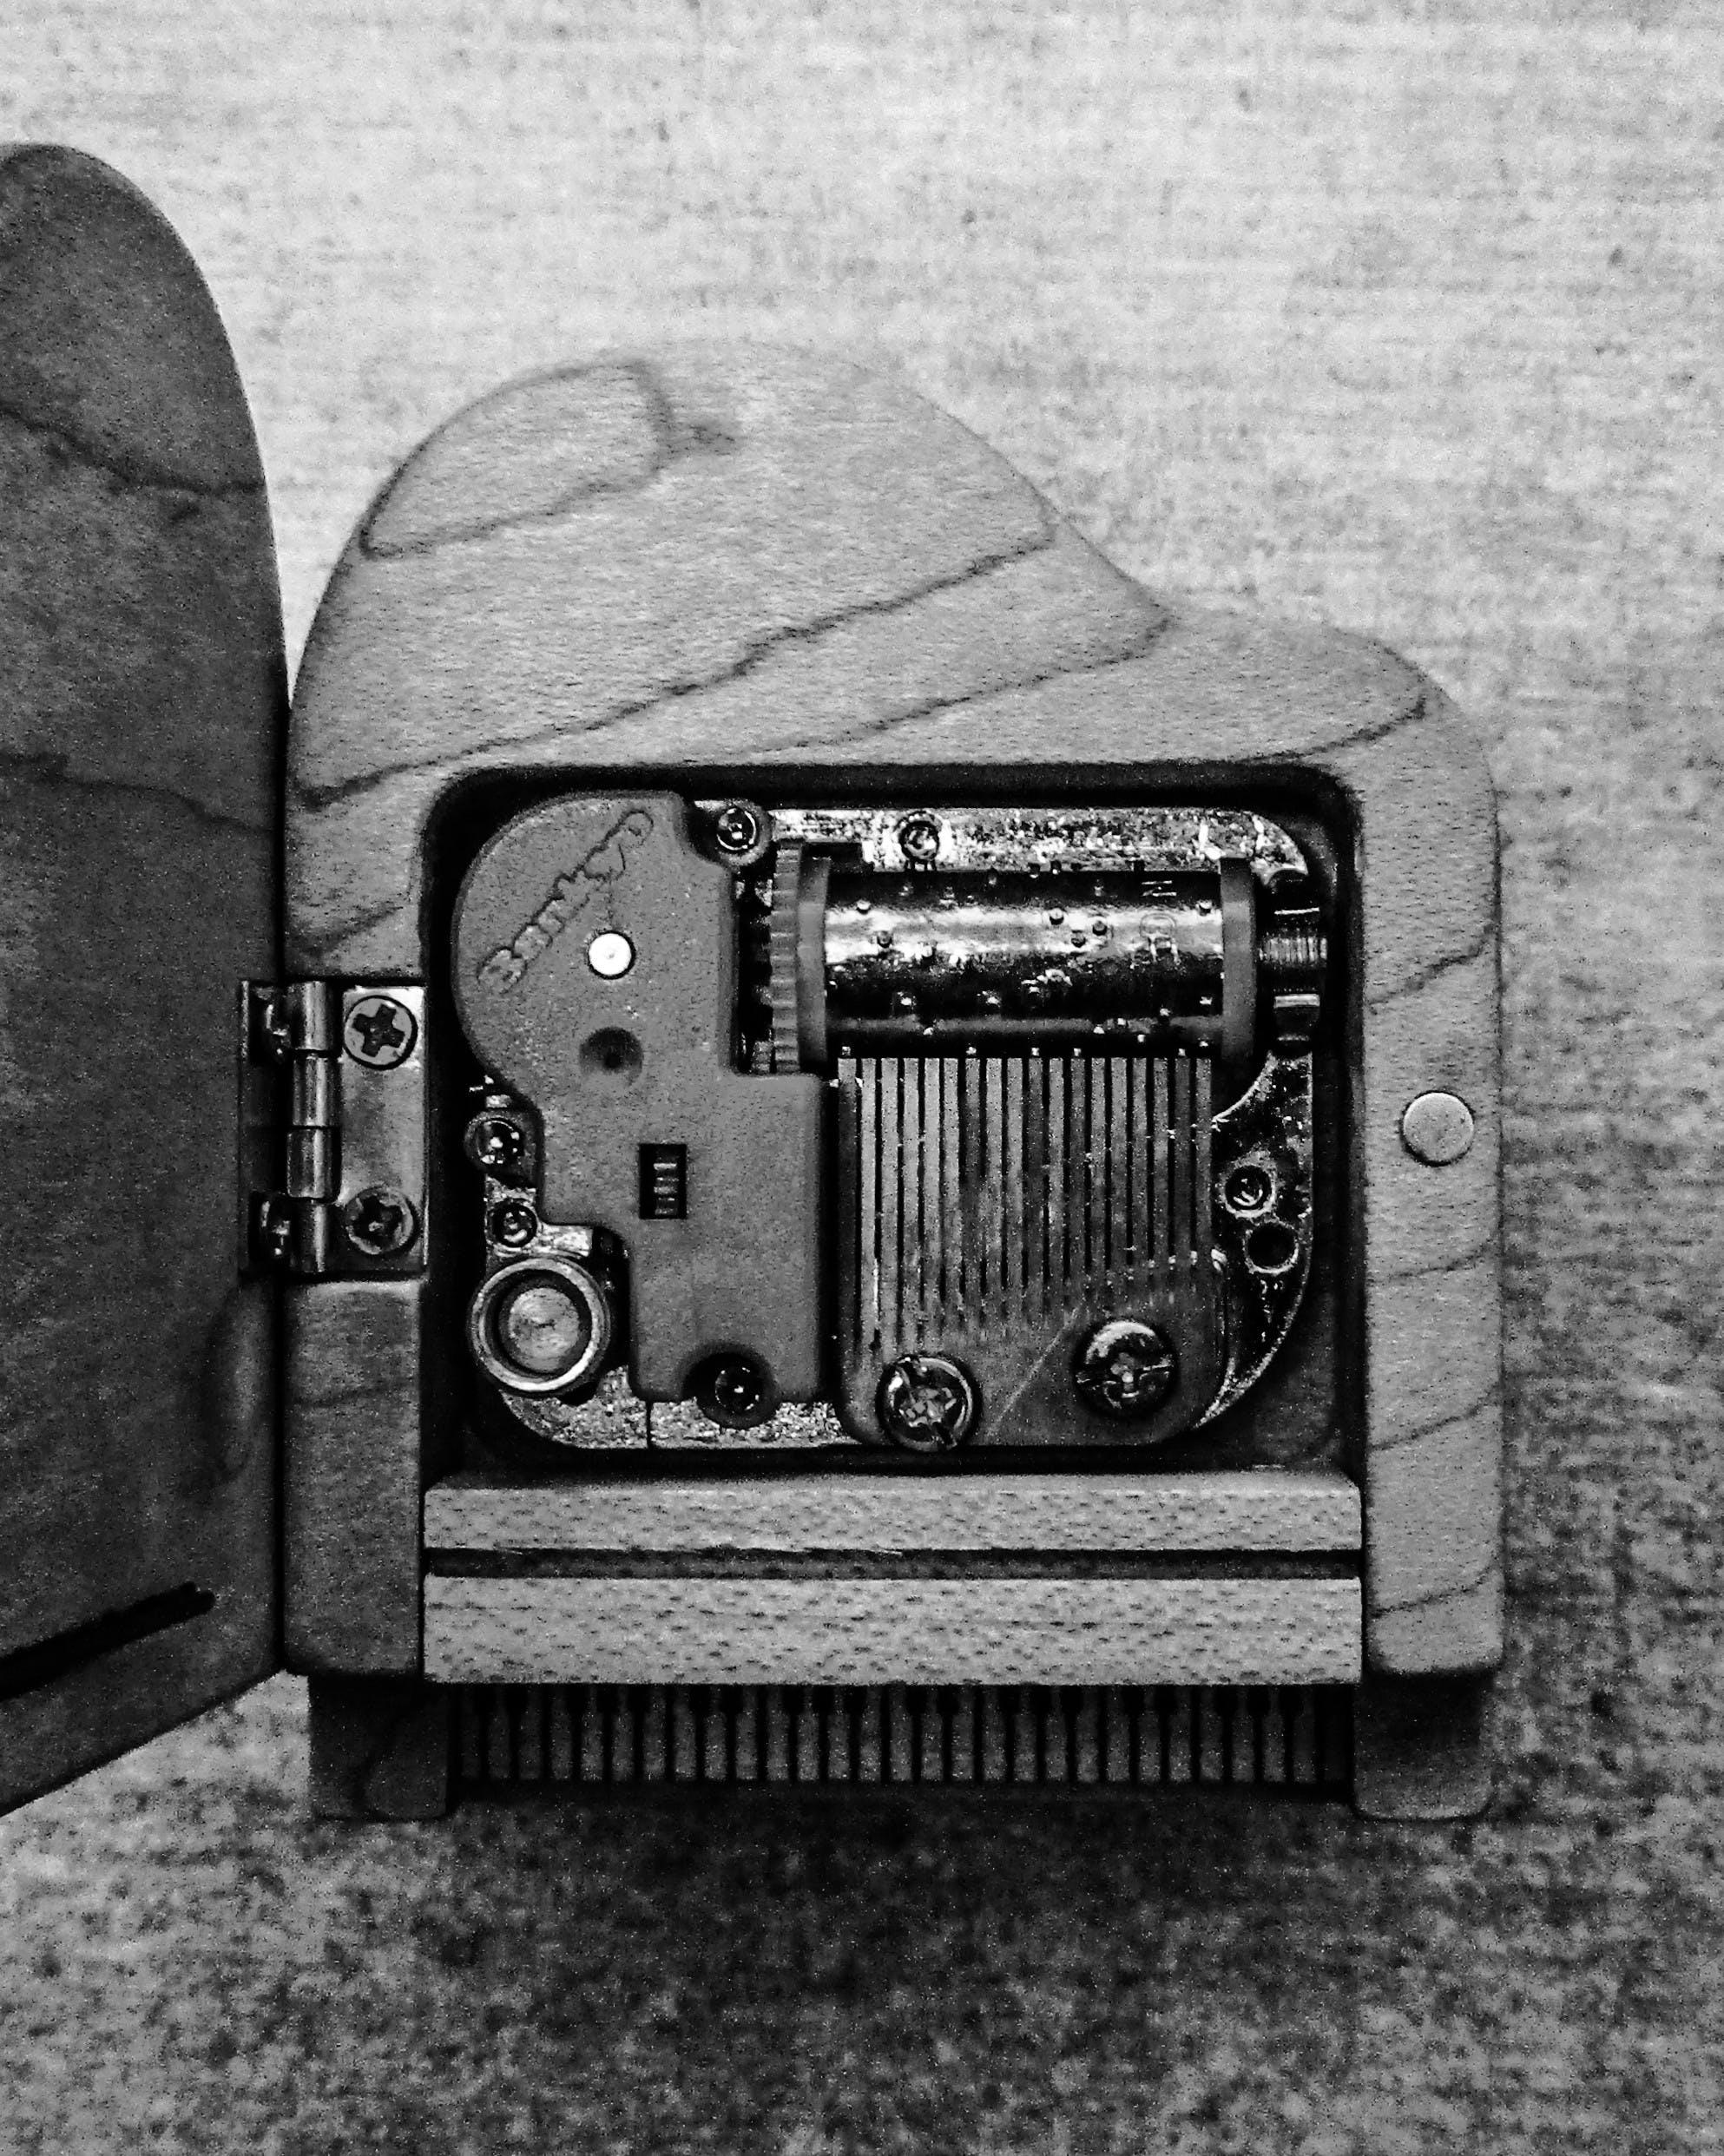 Δωρεάν στοκ φωτογραφιών με όργανο, πιάνο